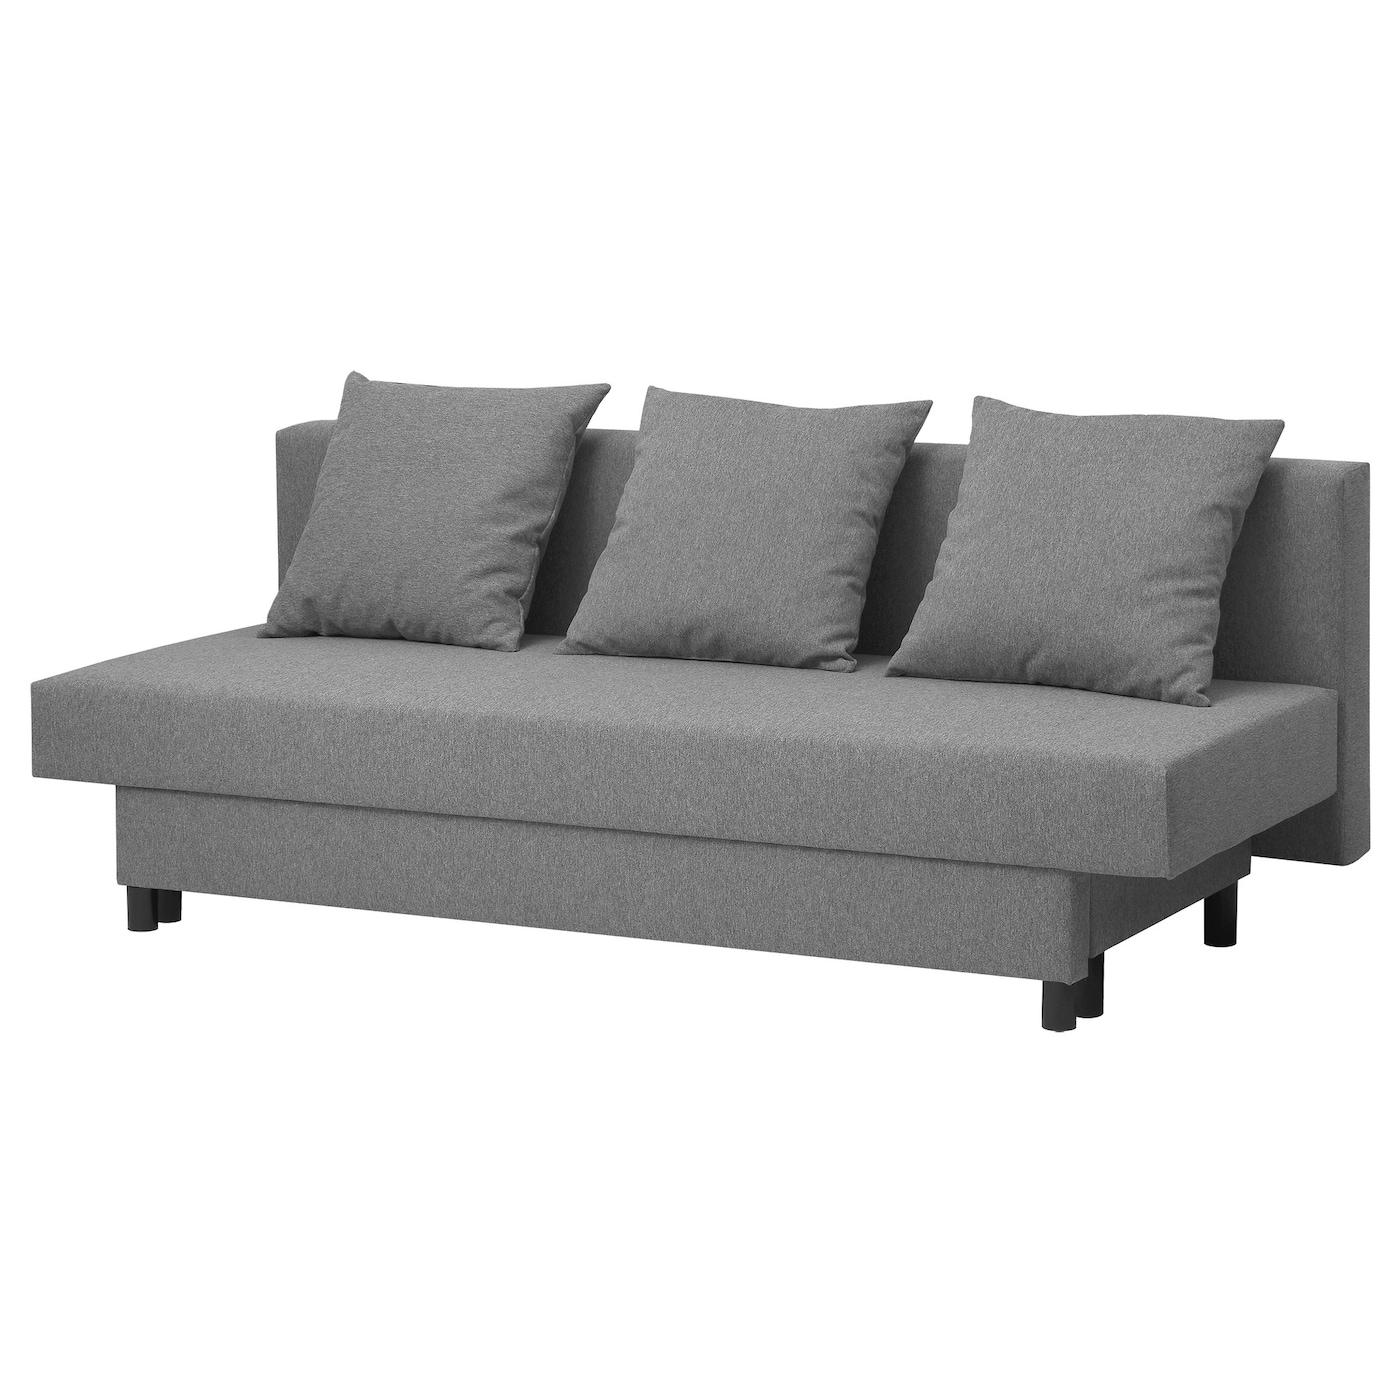 Sof� cama 3 plazas, gris